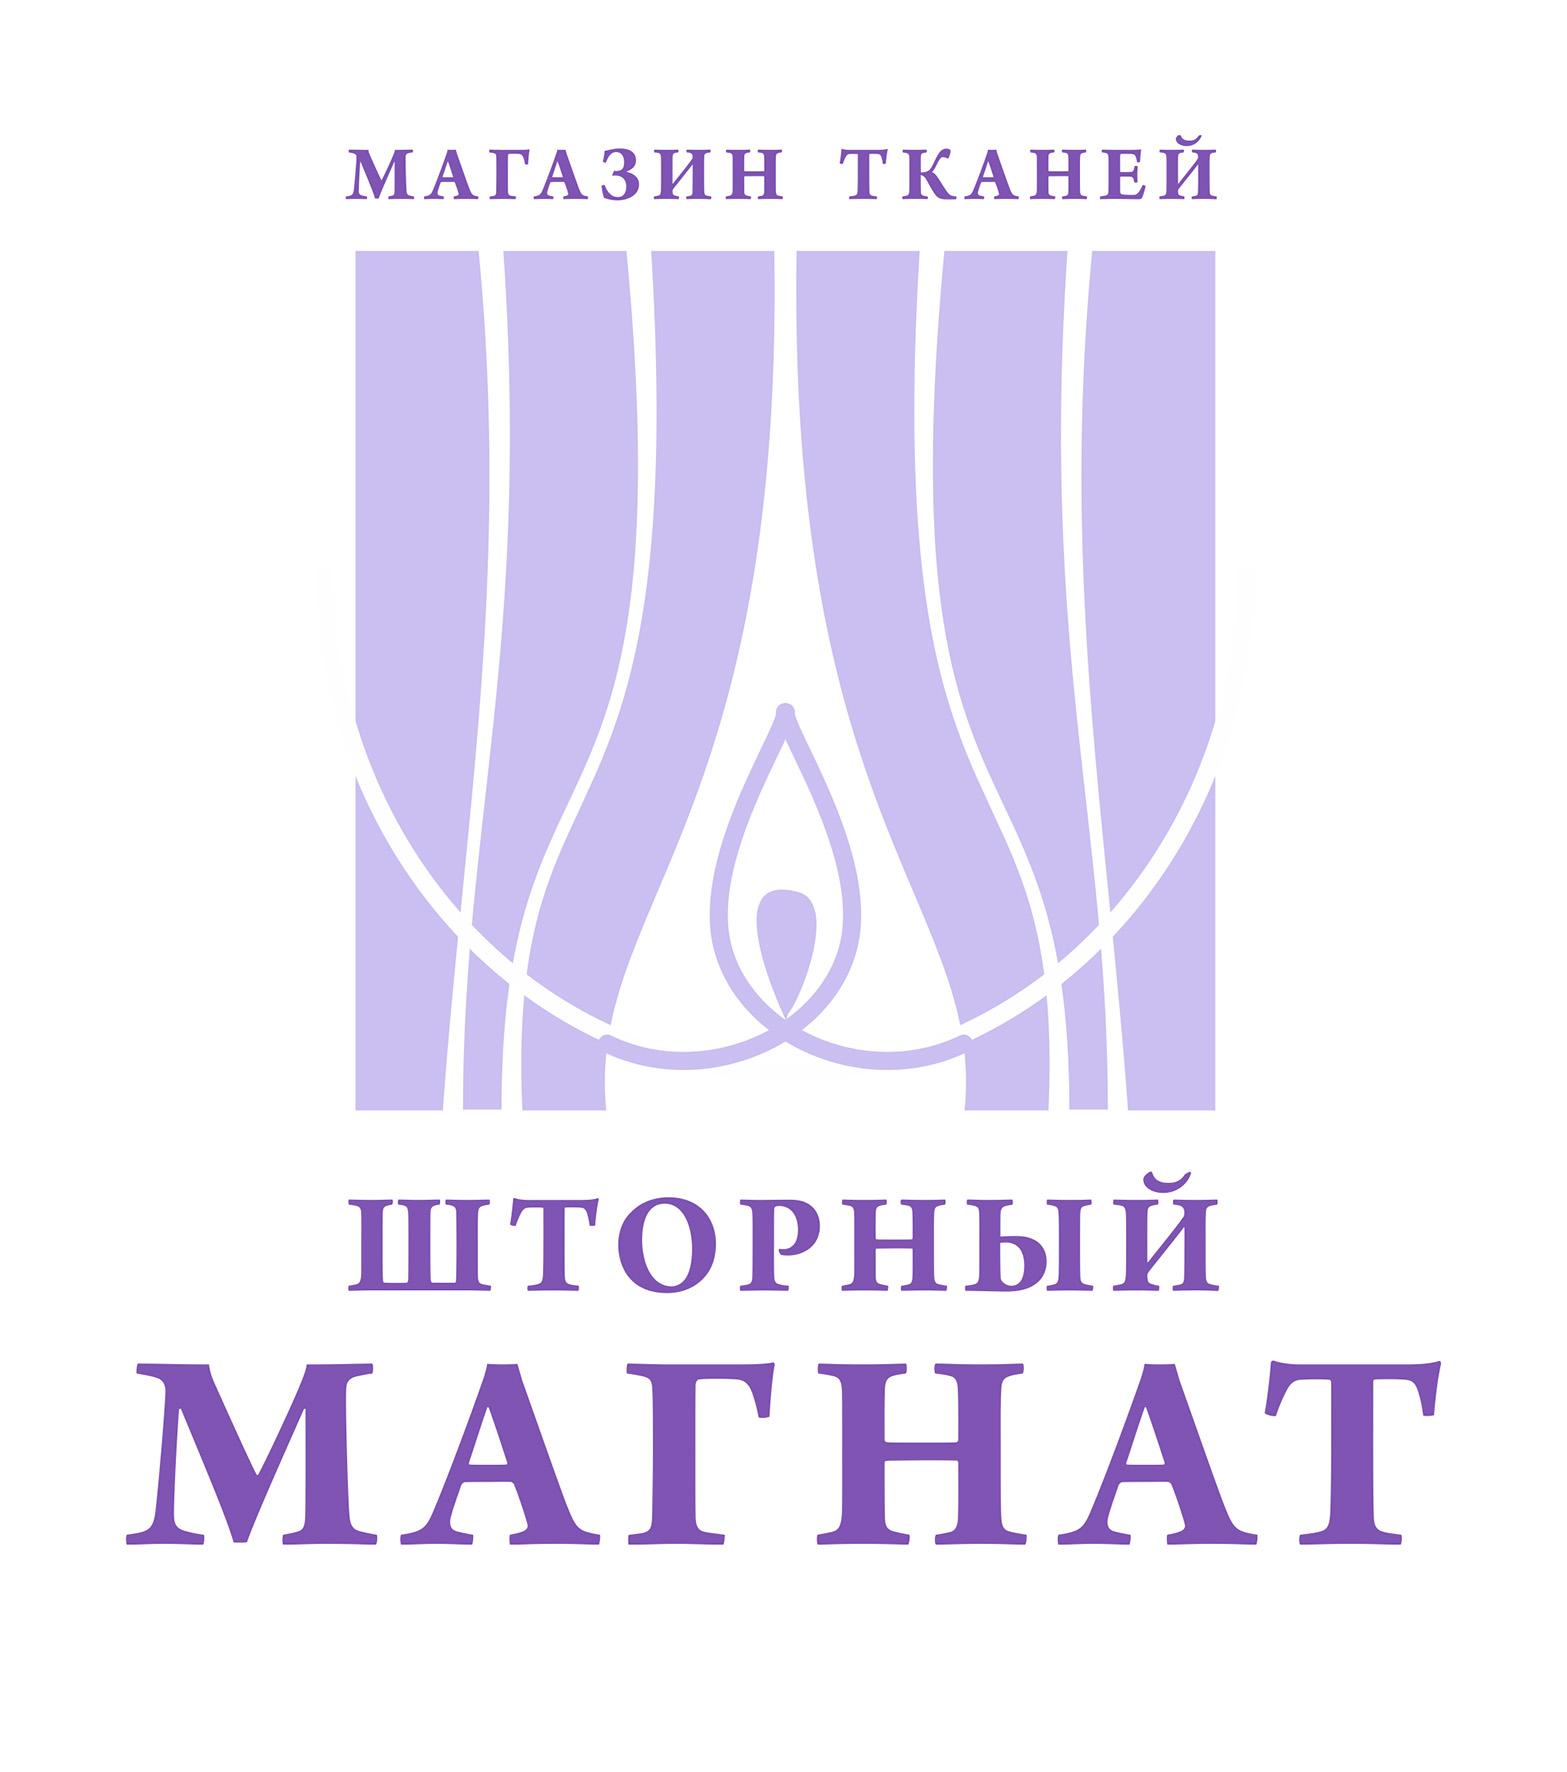 Логотип и фирменный стиль для магазина тканей. фото f_7335cd865a74cab2.jpg